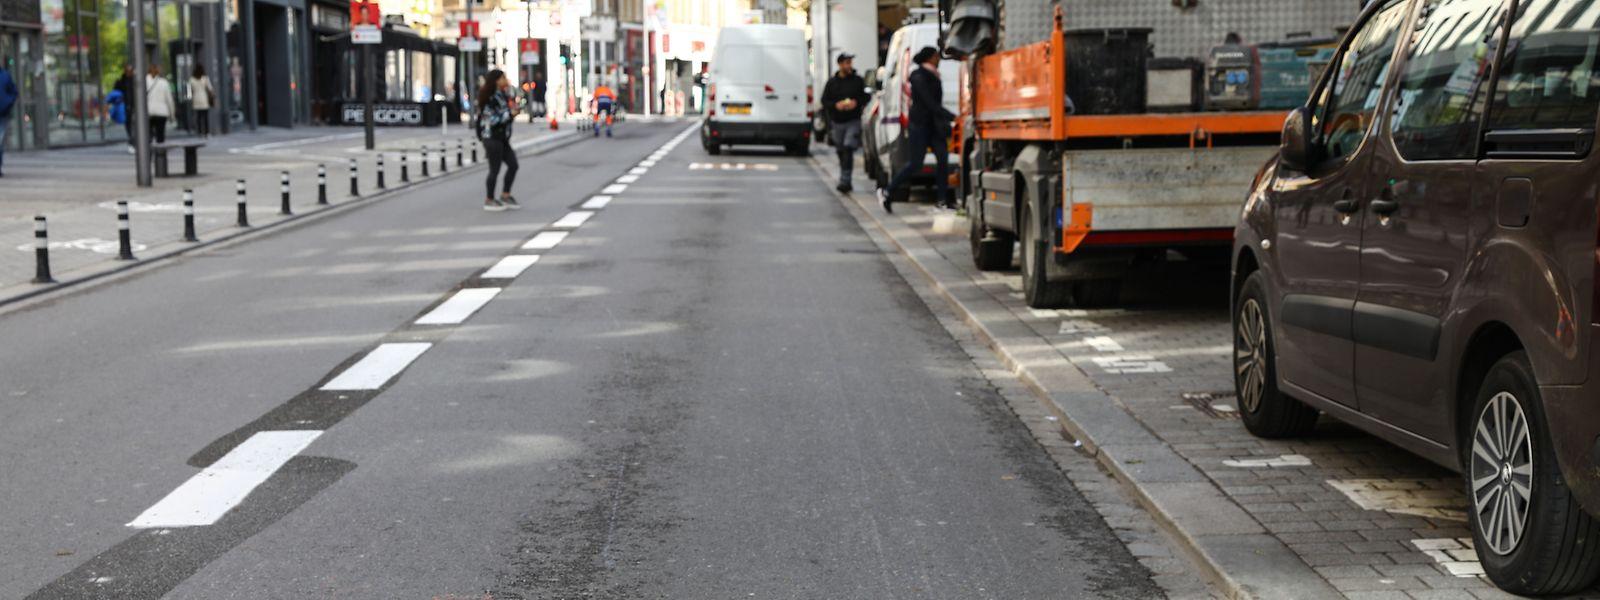 Busse und Fahrräder werden künftig das Bild in der Avenue de la Gare bestimmen. Linksseitig ist ein Radweg entstanden, für den Bäume und Autostellplätze weichen mussten.